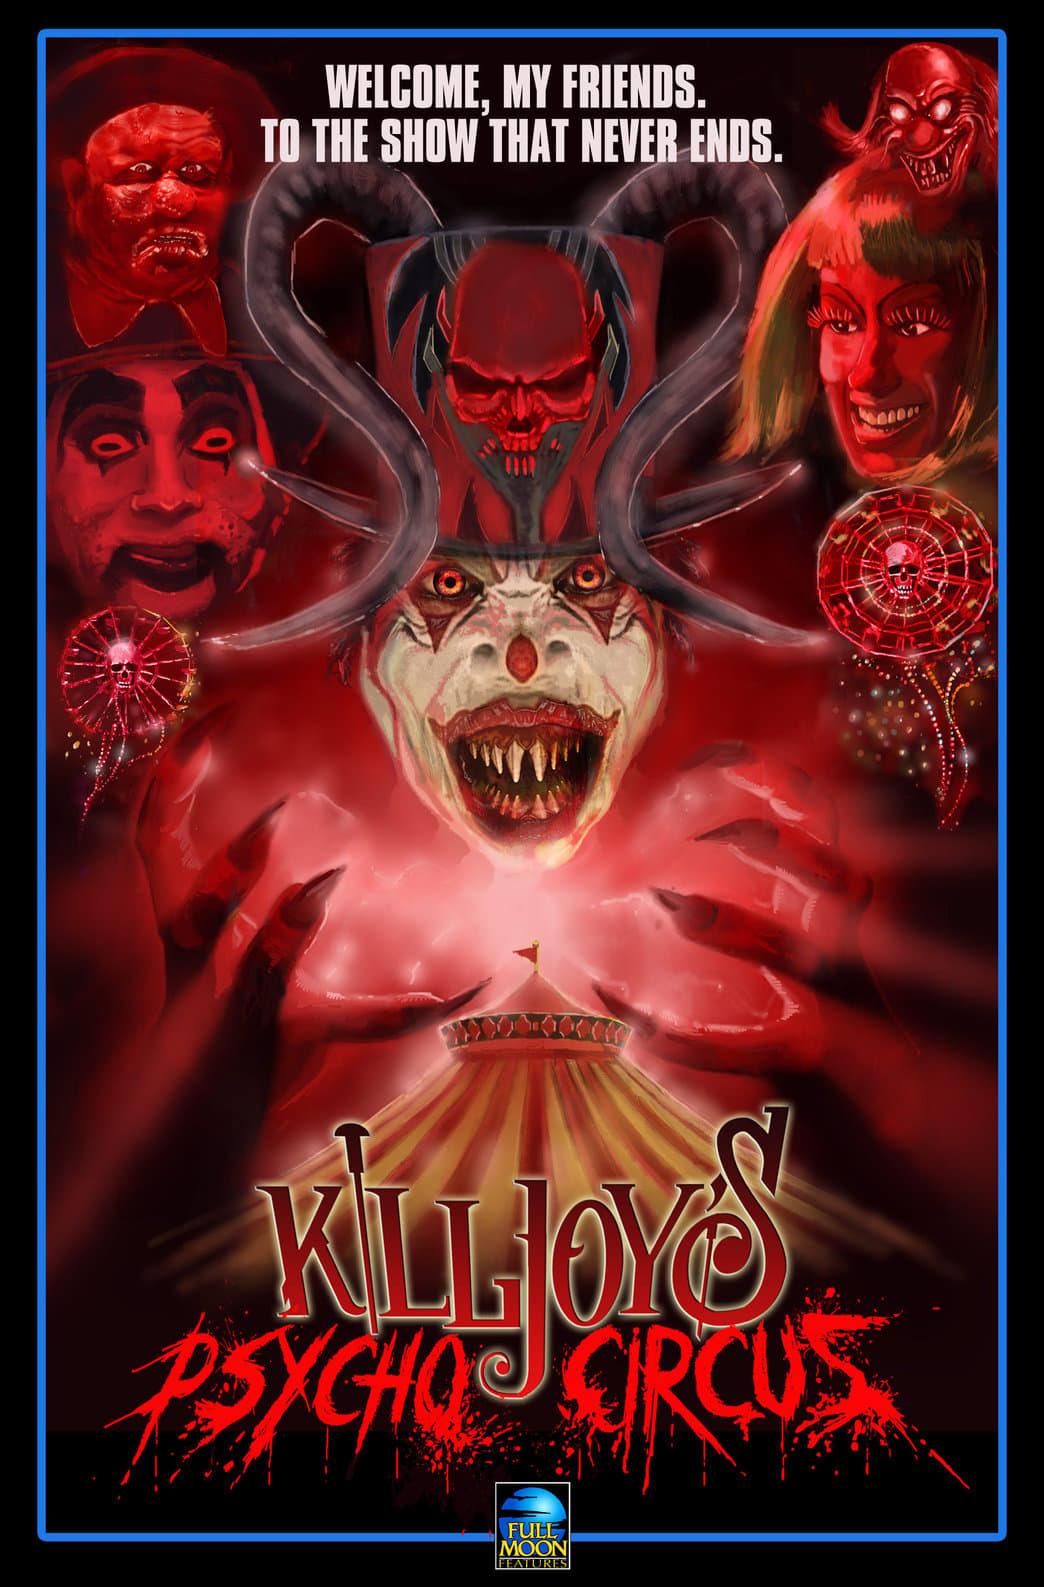 Killjoy's Psycho ...